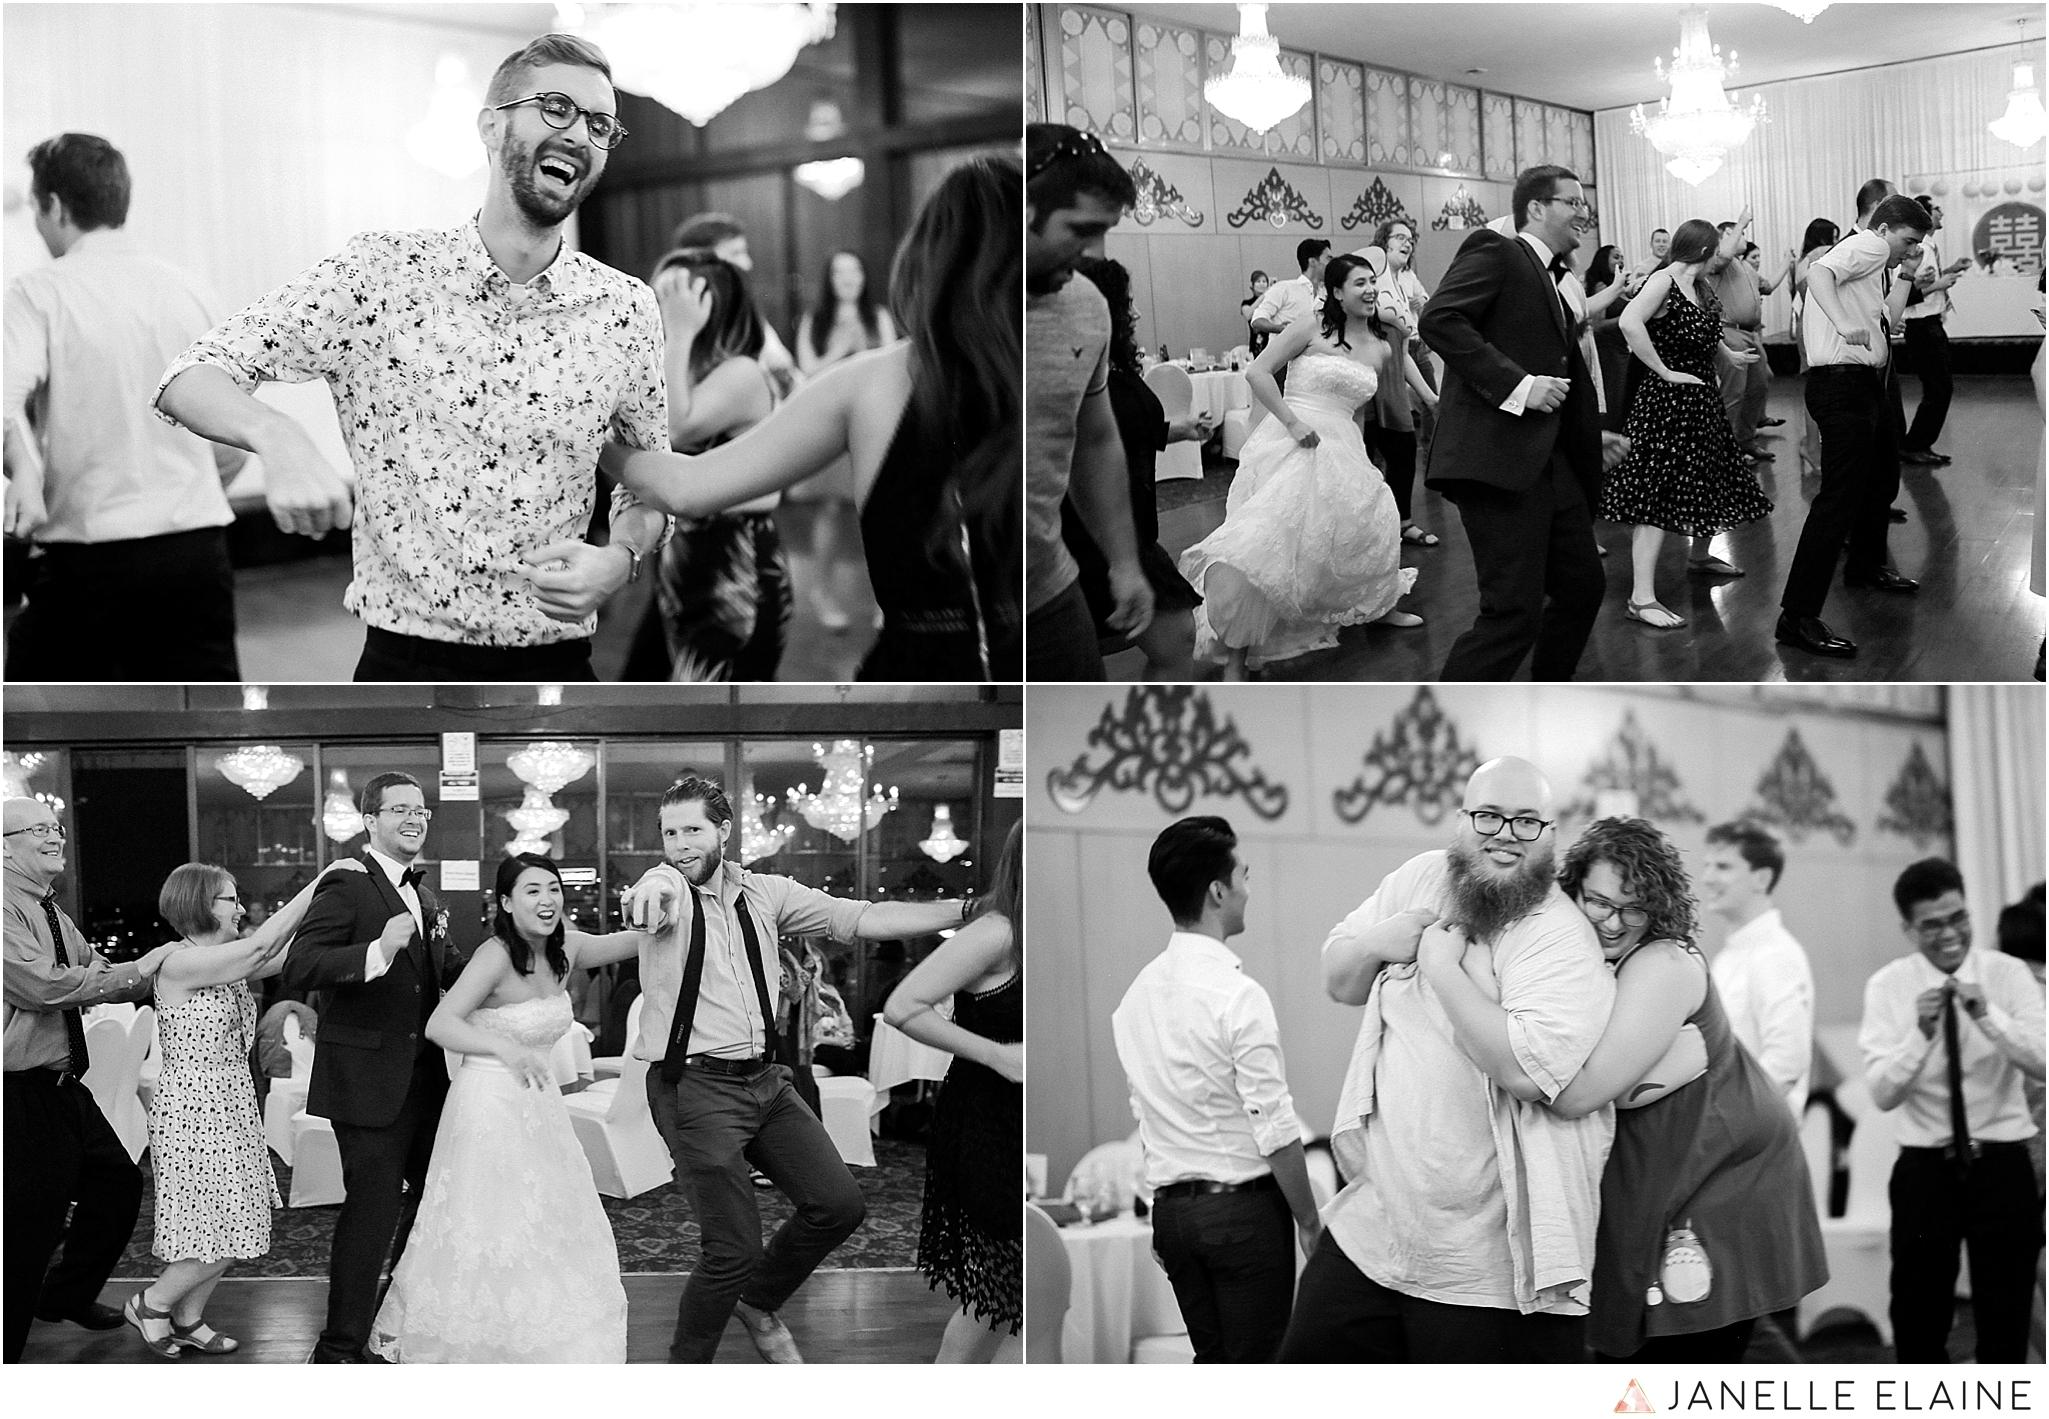 janelle elaine photography-professional wedding photographer seattle--203.jpg